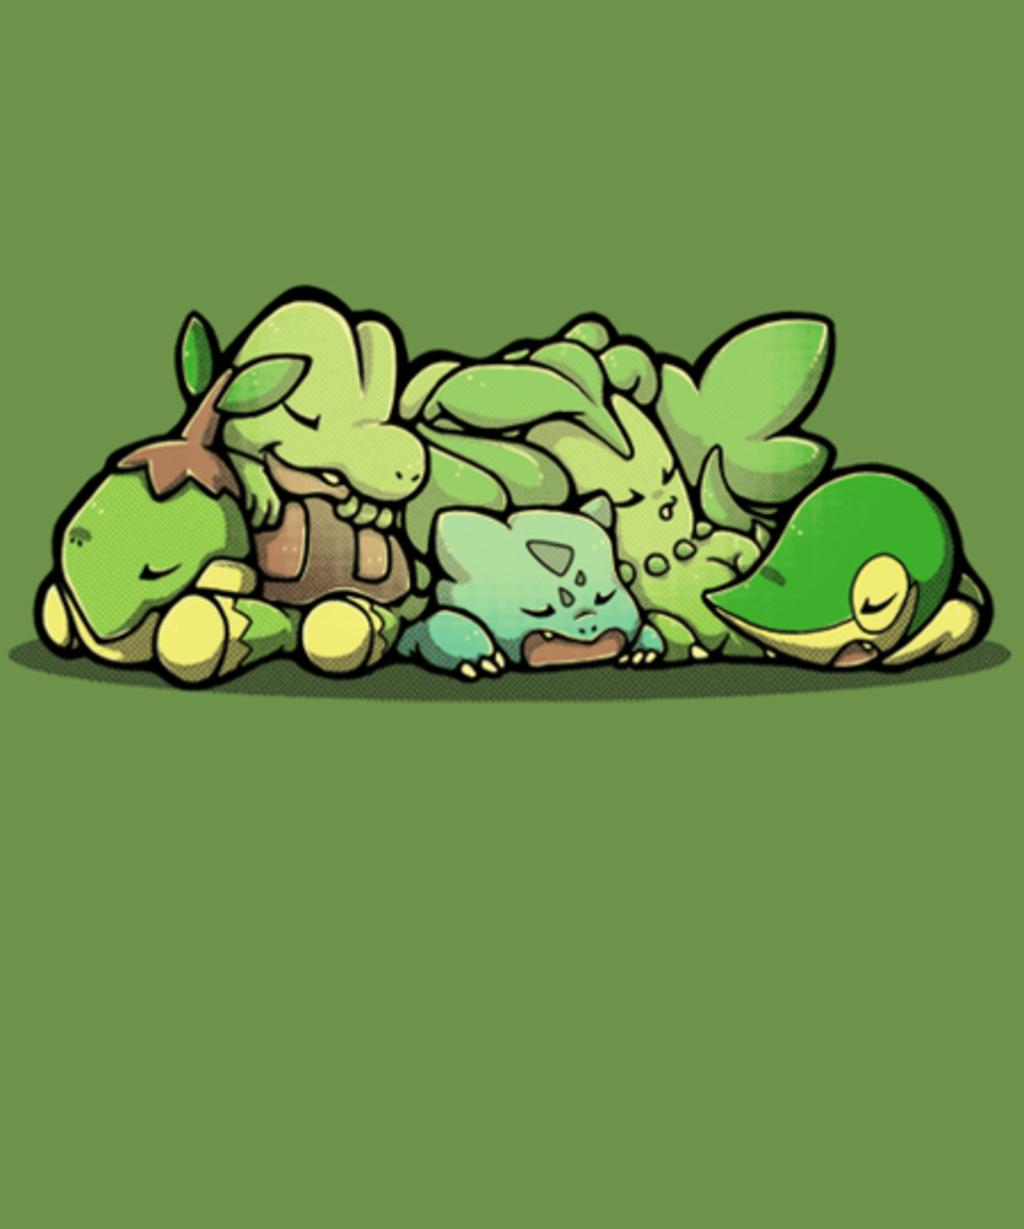 Qwertee: Grass Sleepers